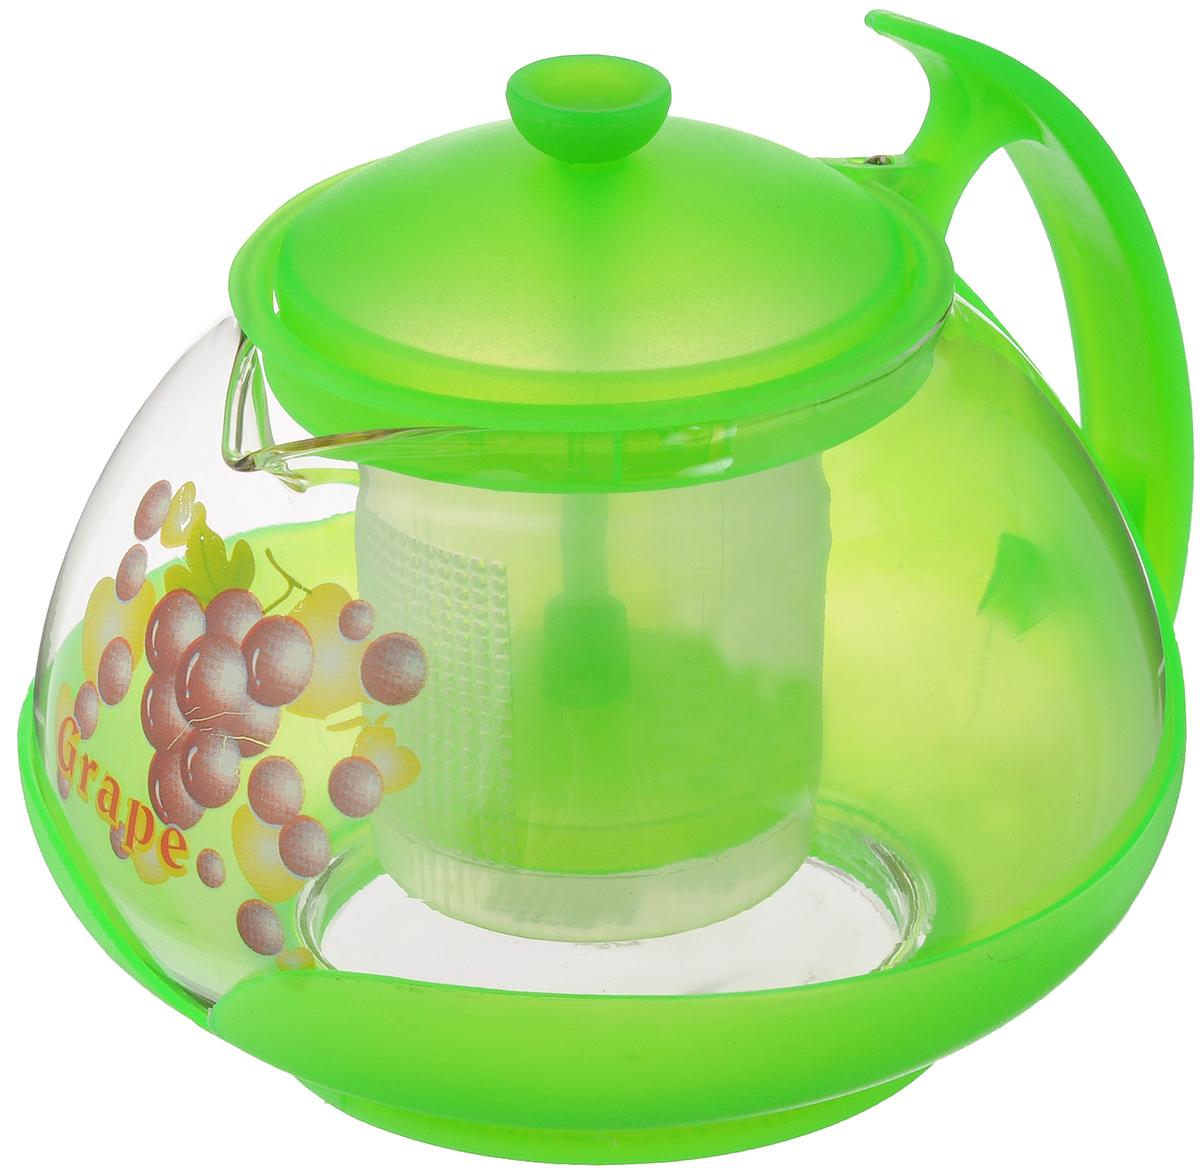 Чайник заварочный Mayer & Boch, с фильтром, цвет: прозрачный, салатовый, 700 мл. 20222022_прозрачный, салатовыйЗаварочный чайник Mayer & Boch изготовлен из жаропрочного стекла и полипропилена. Изделие оснащено сетчатым фильтром из пищевого полипропилена (пластика), который задерживает чаинки и предотвращает их попадание в чашку, а прозрачные стенки дадут возможность наблюдать за насыщением напитка. Чай в таком чайнике дольше остается горячим, а полезные и ароматические вещества полностью сохраняются в напитке. Диаметр чайника (по верхнему краю): 8 см. Высота чайника (без учета крышки): 9,5 см. Высота фильтра: 6,5 см.